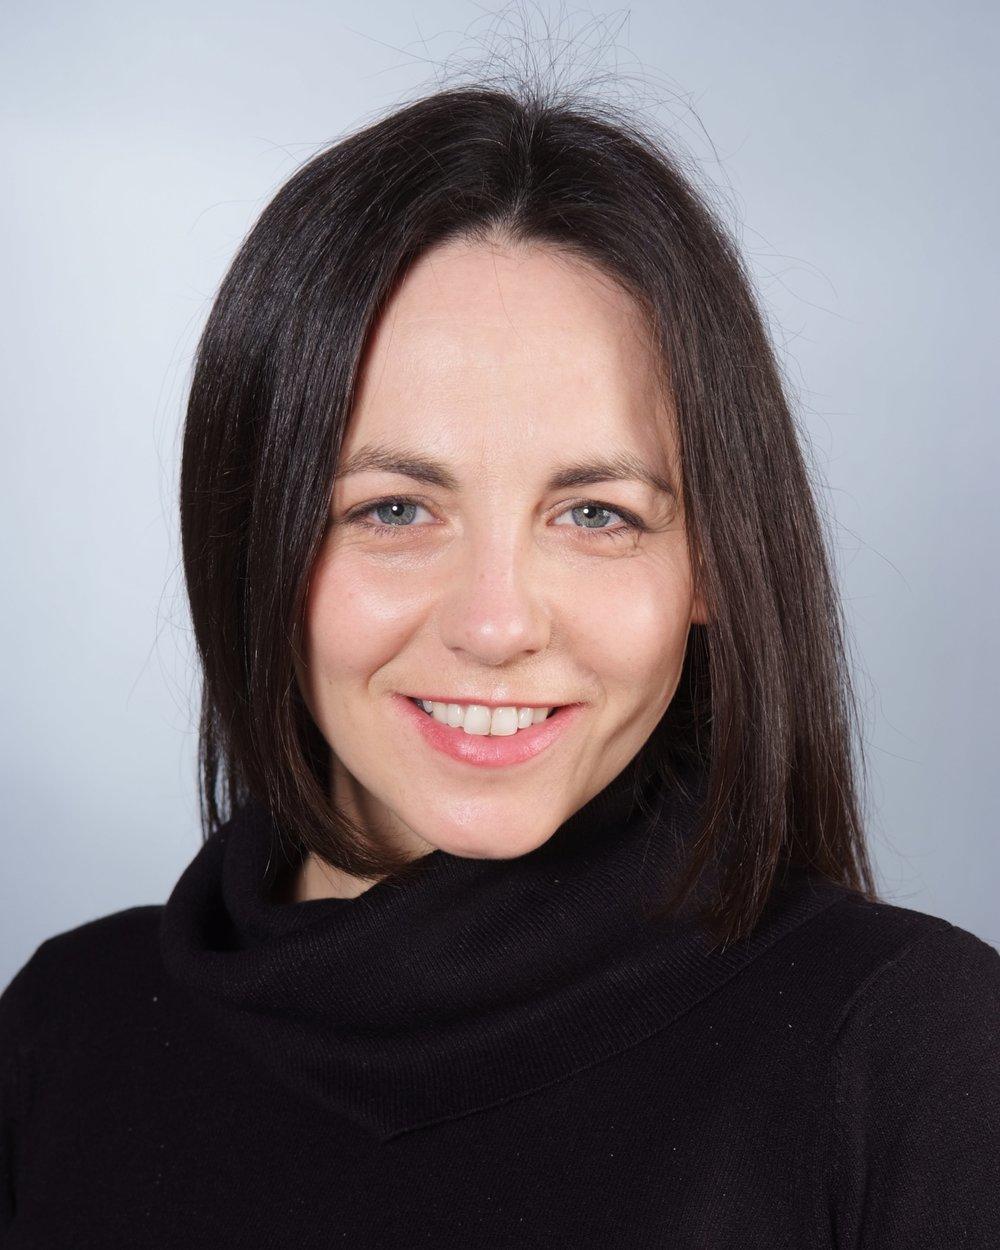 Amanda Horlock